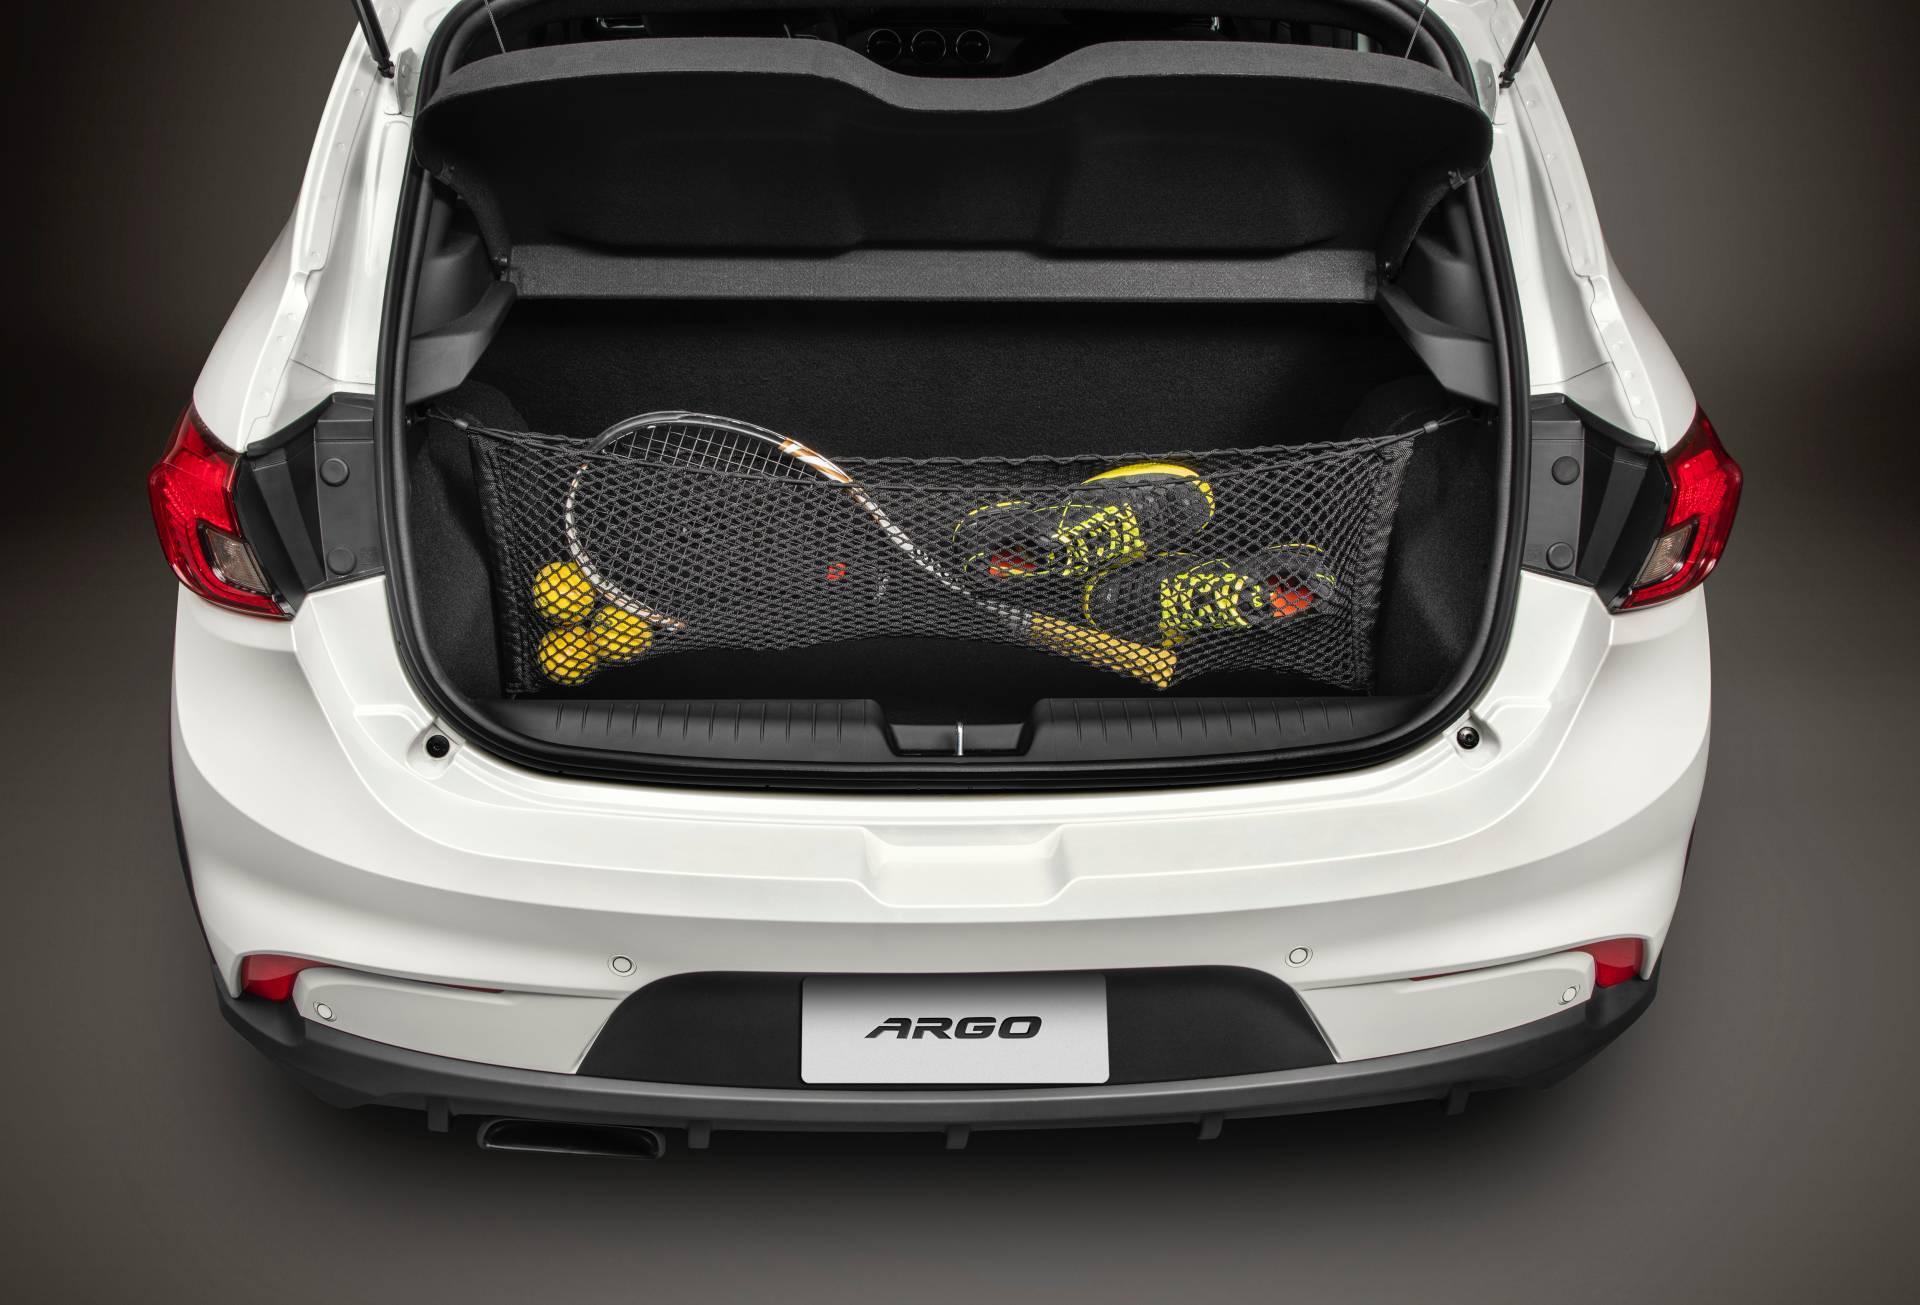 Fiat-Argo-Trekking-43